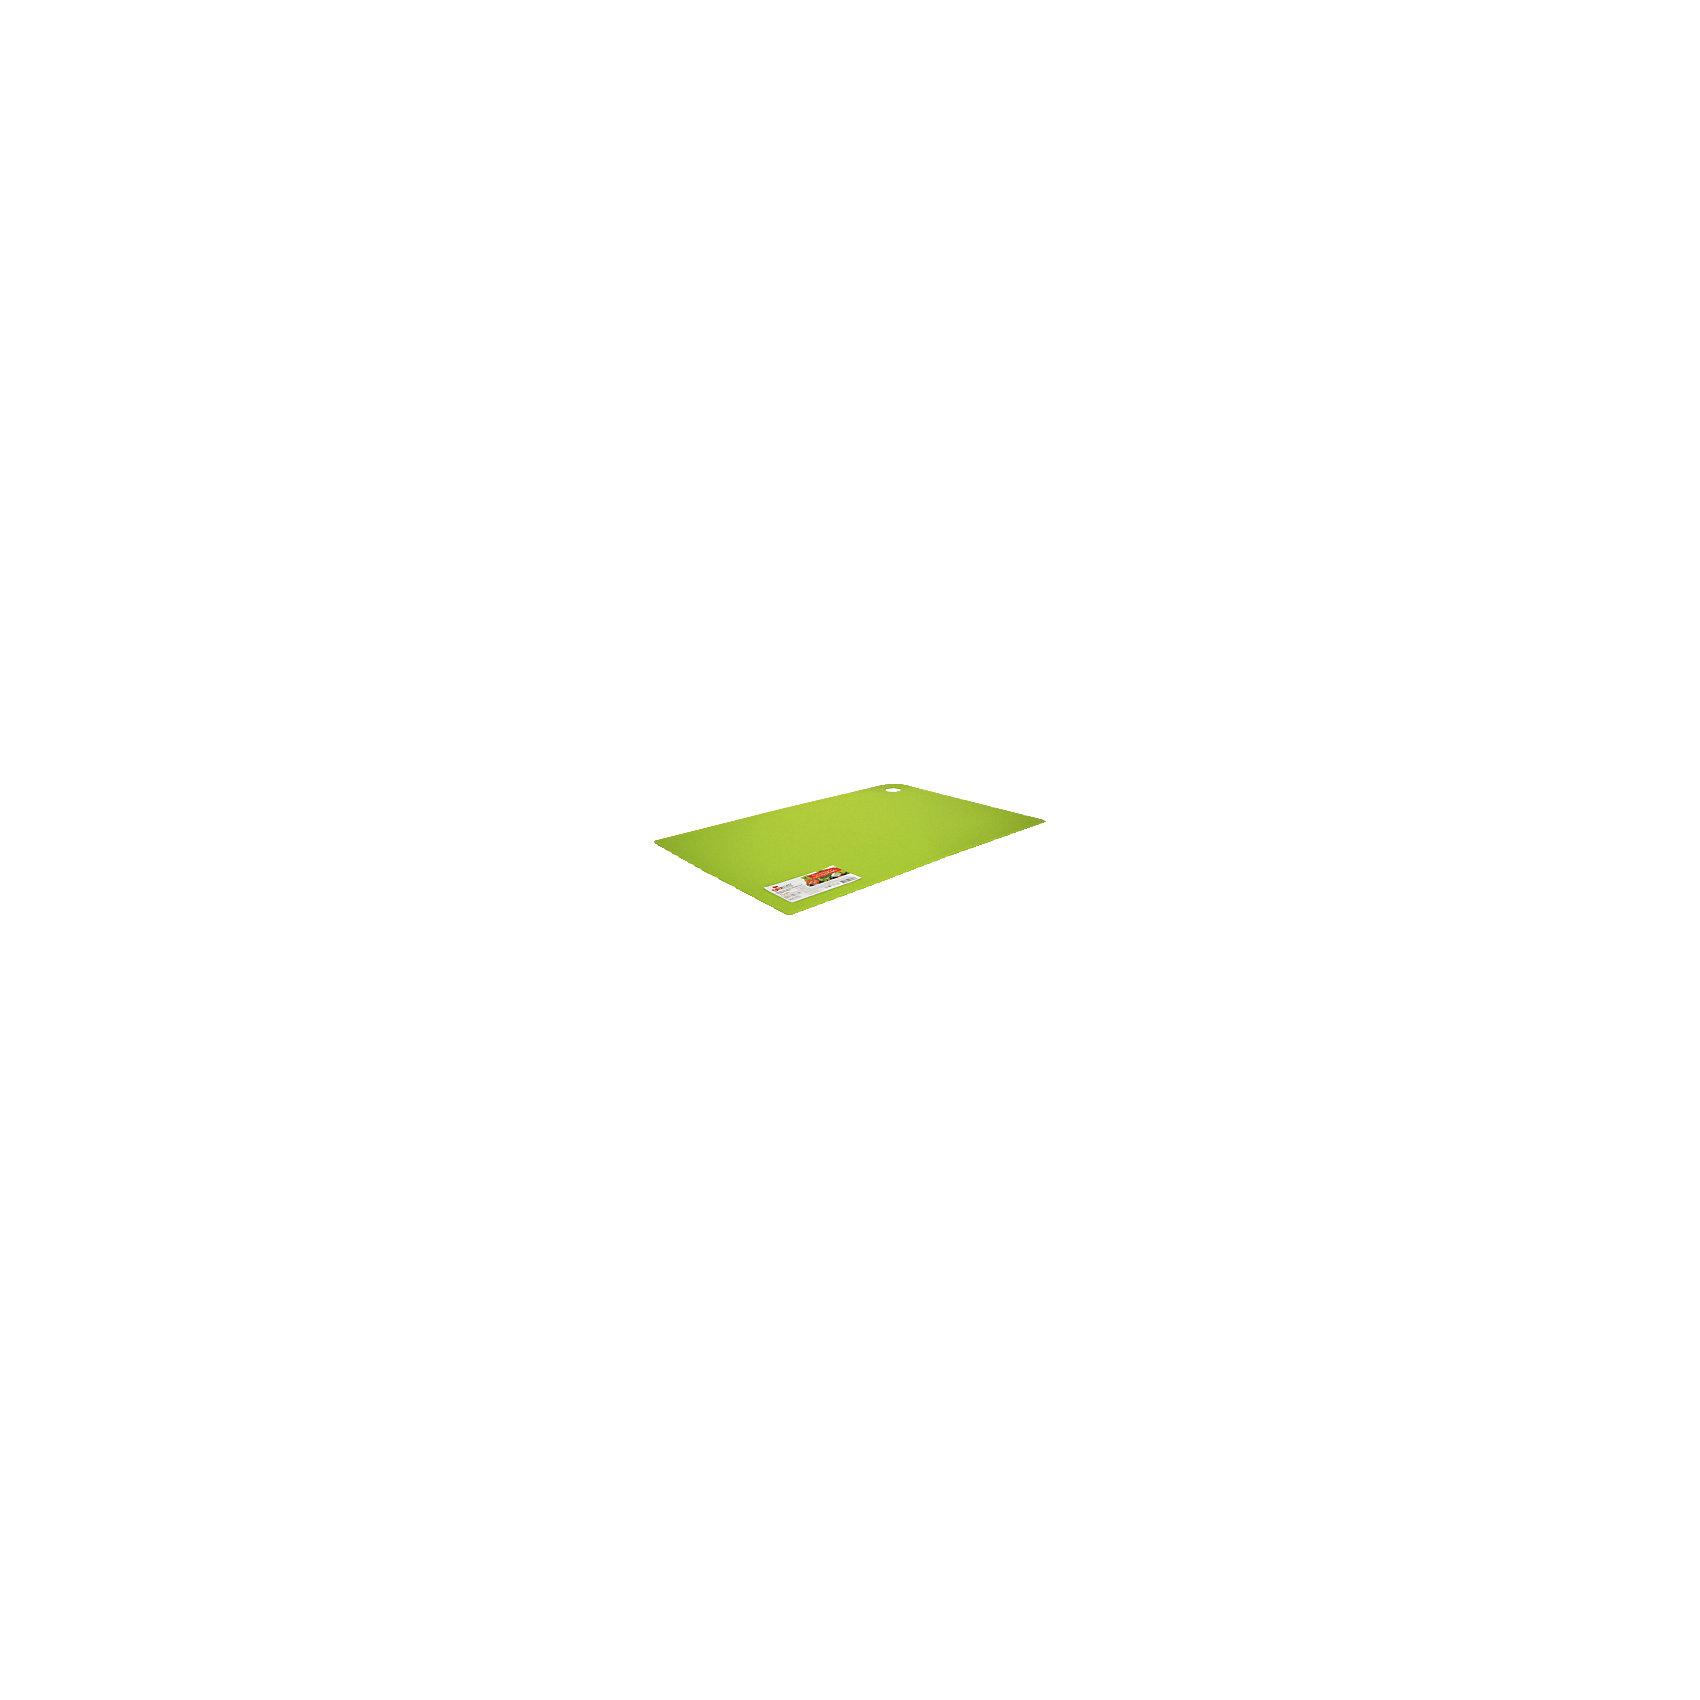 Доска разделочная Elastico 35*25 см, GiarettiПосуда<br>Доска разделочная Elastico 35*25 см, Giaretti<br><br>Характеристики:<br><br>• Цвет: зеленый<br>• Материал: пластик<br>• В комплекте: 1 штука<br>• Размер: 35х25 см<br><br>Эти компактные разделочные доски от Giaretti позволят вам легко навести порядок на вашей кухне и не отвлекаться на мелочи. Благодаря своей гибкости, эти доски можно использовать, чтобы переложить нарезанные ингредиенты, не рассыпав содержимое. Изготовлены они из высококачественного пищевого пластика, который безопасен  для здоровья. <br><br>Доска разделочная Elastico 35*25 см, Giaretti можно купить в нашем интернет-магазине.<br><br>Ширина мм: 350<br>Глубина мм: 250<br>Высота мм: 5<br>Вес г: 366<br>Возраст от месяцев: 216<br>Возраст до месяцев: 1188<br>Пол: Унисекс<br>Возраст: Детский<br>SKU: 5545624